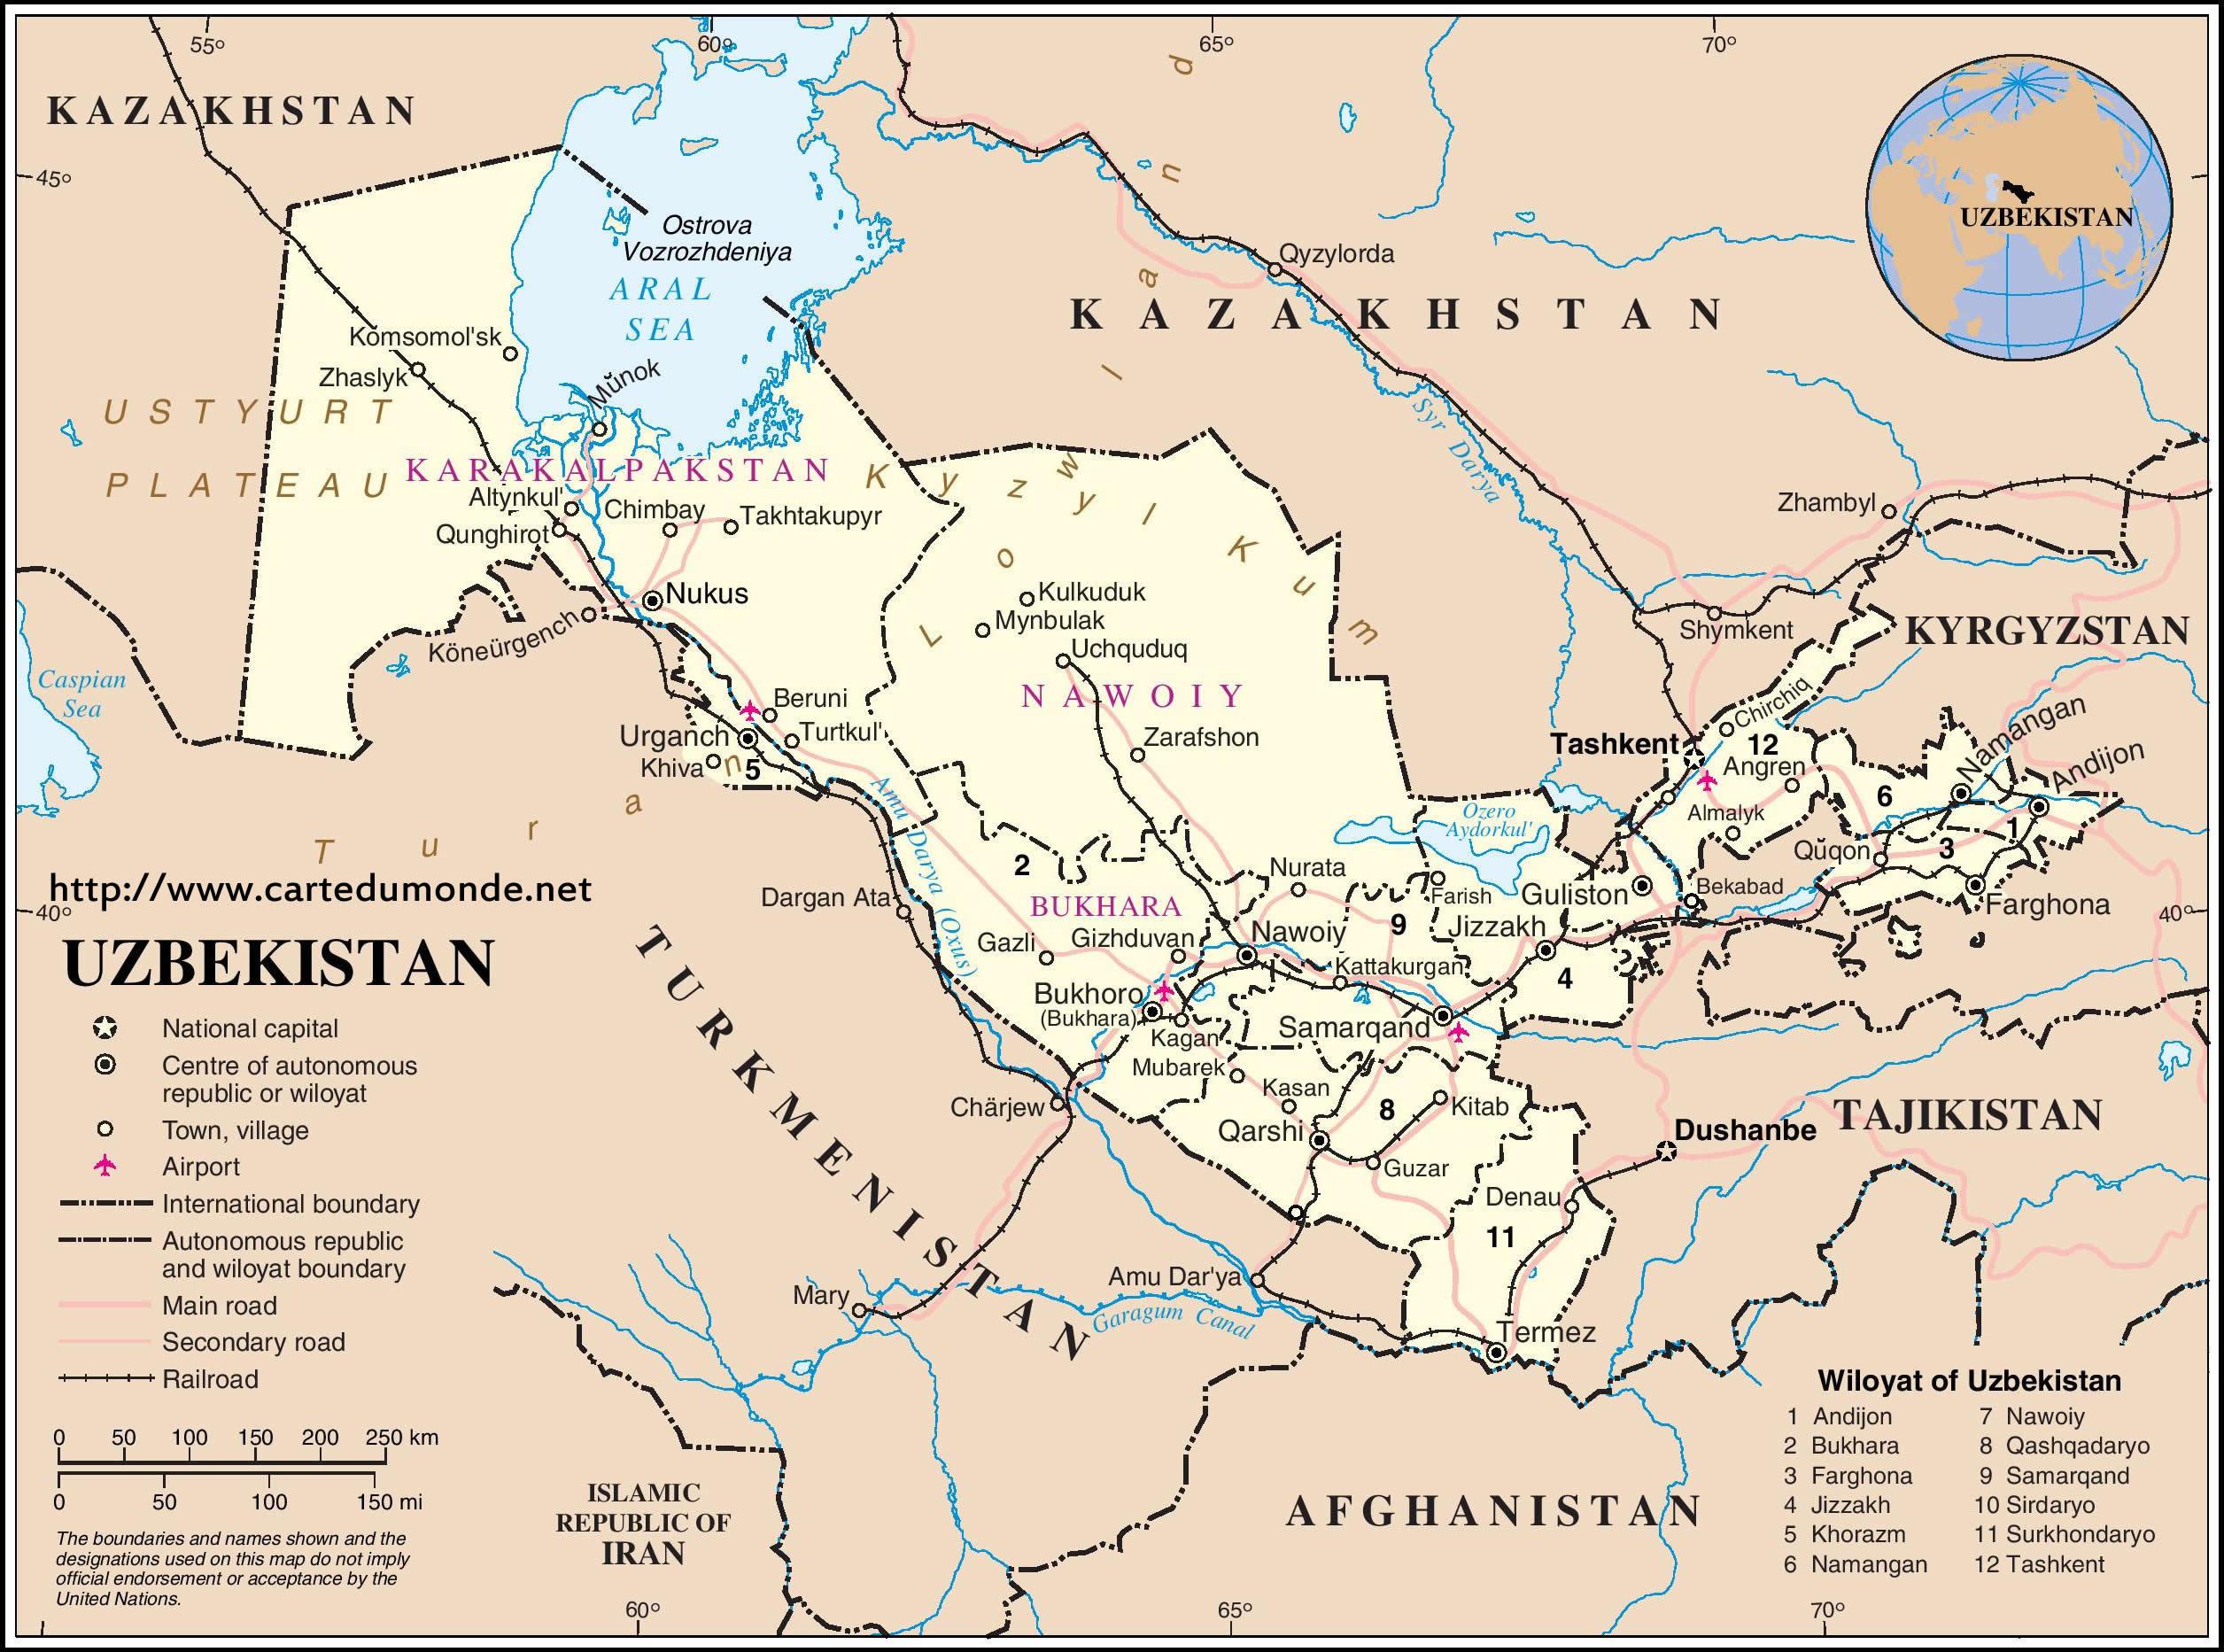 Usbekistan Karte.Karte Vergrößern Usbekistan Auf Weltkarte